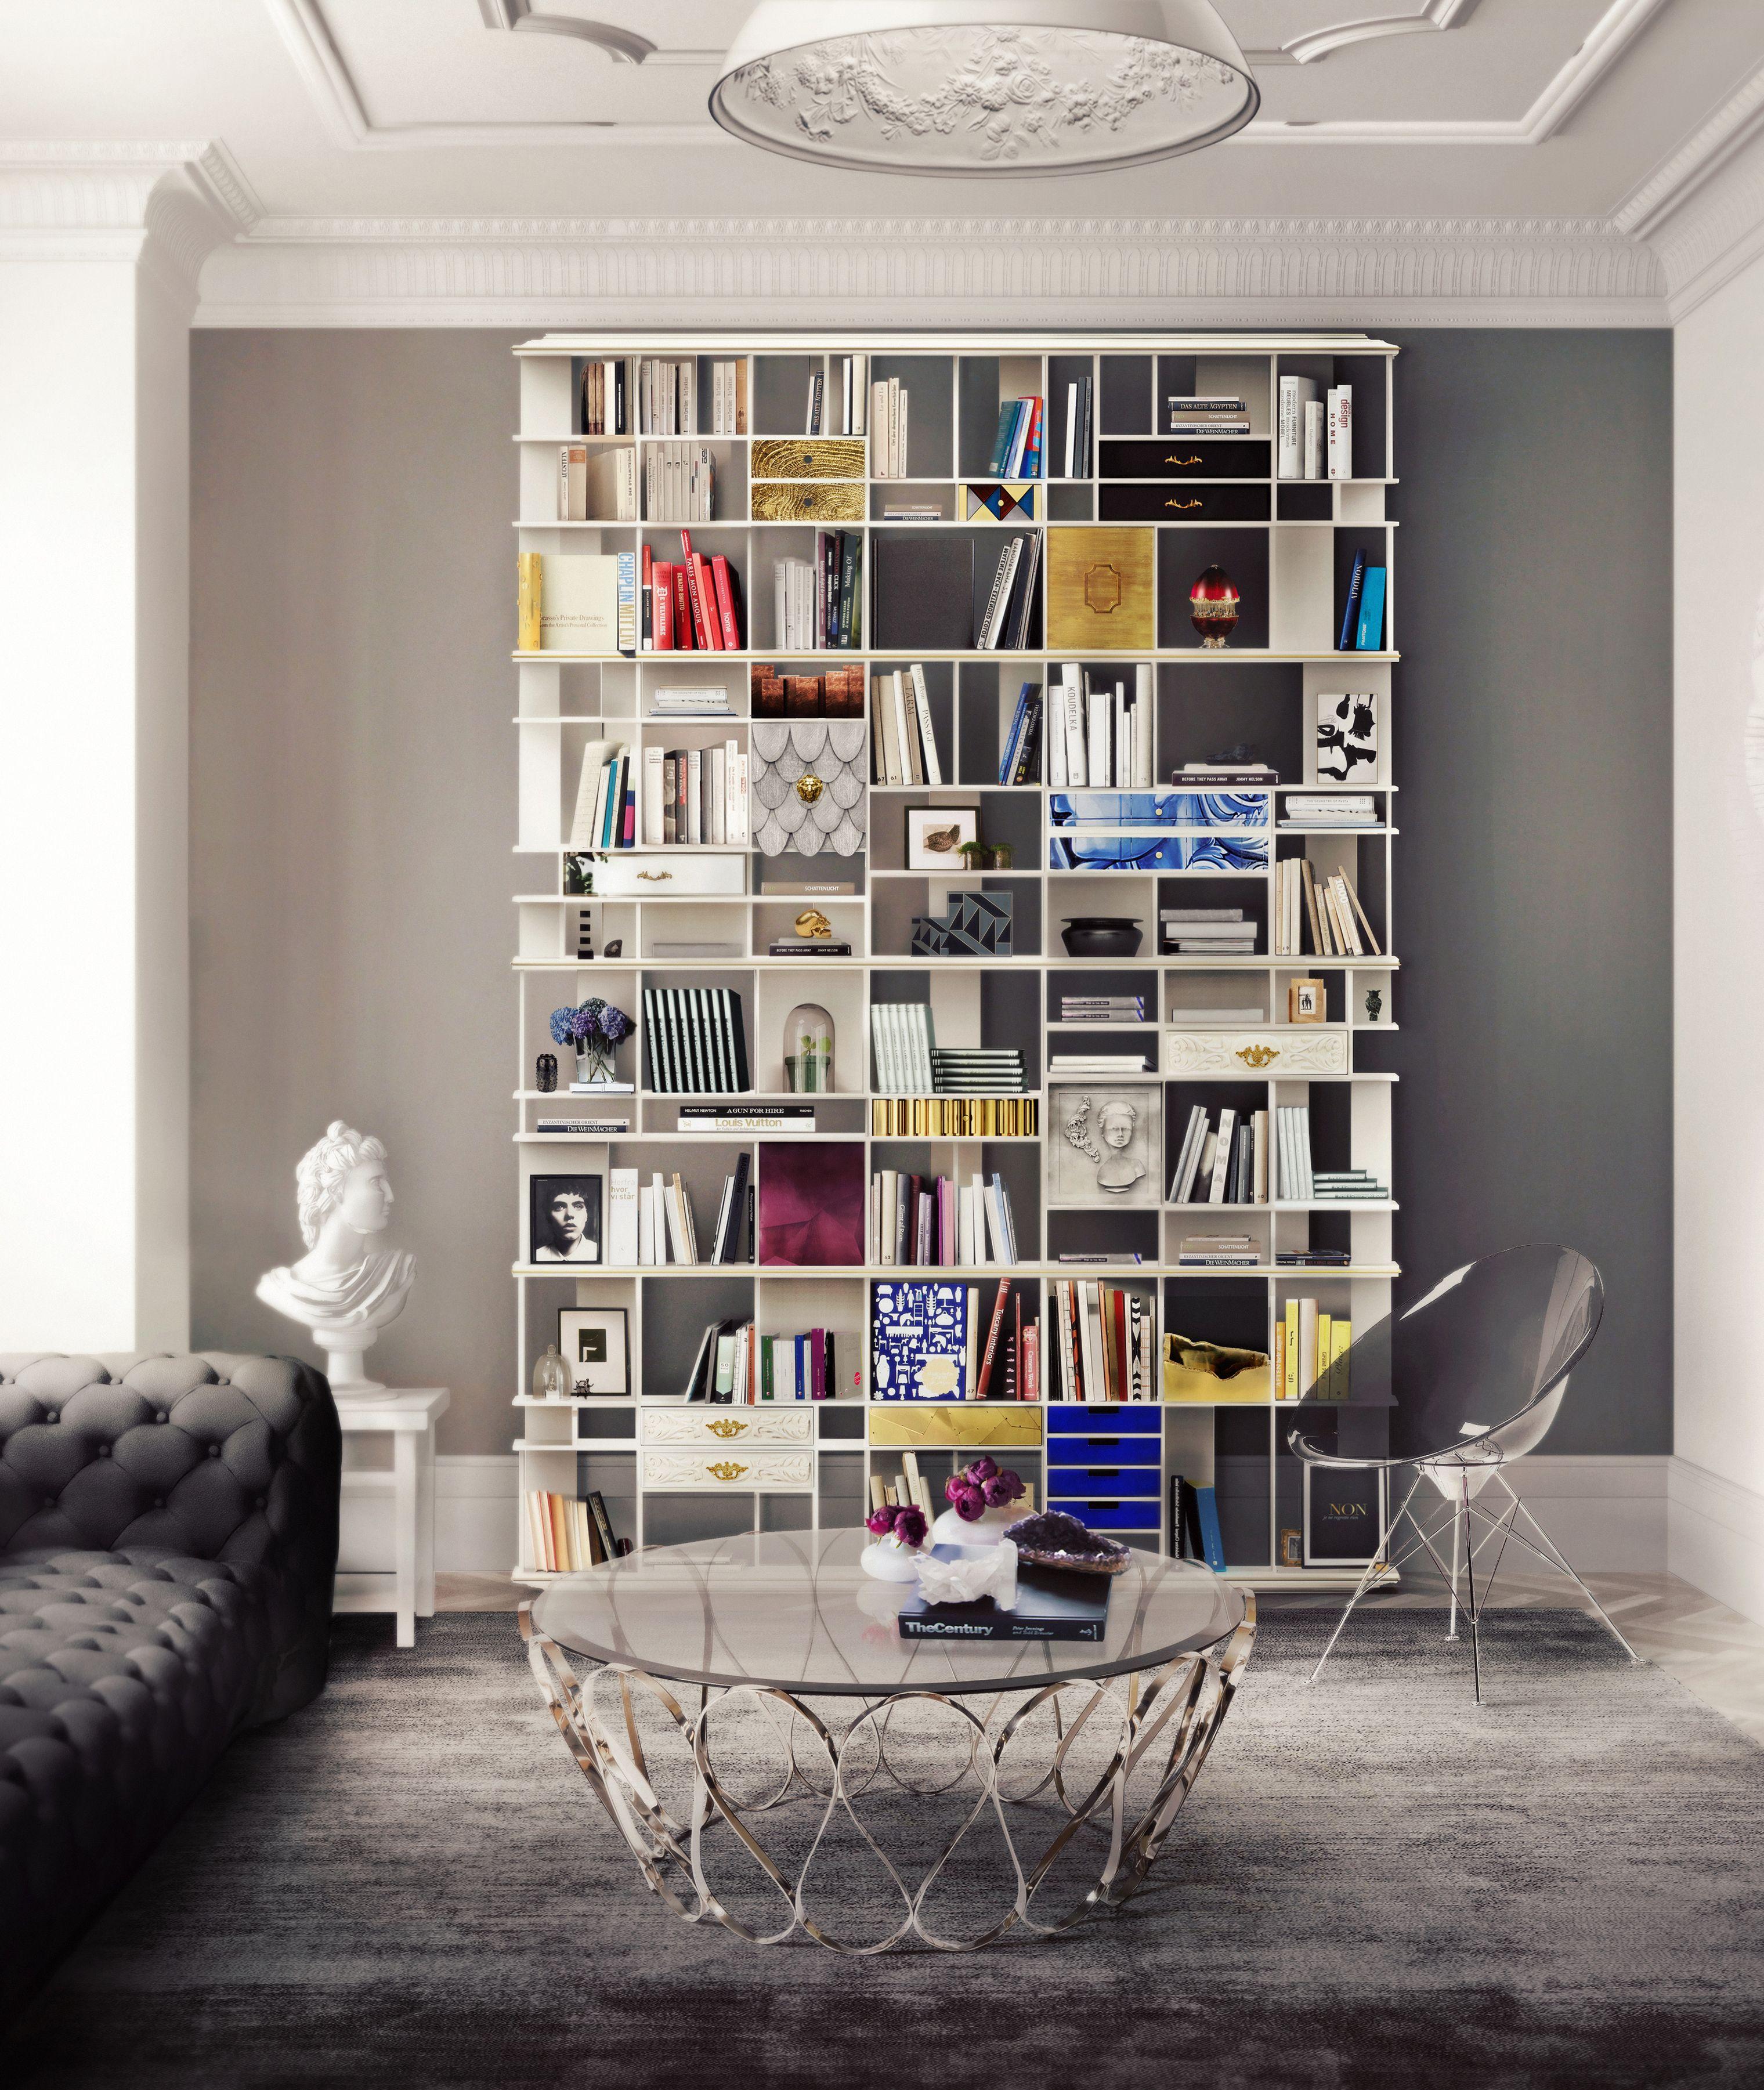 Perfekt Herbst 2017: Luxuriöse Wohnzimmer Für Den Herbst | Wohnzimmer Ideen | Luxus  Möbel | Klassisch